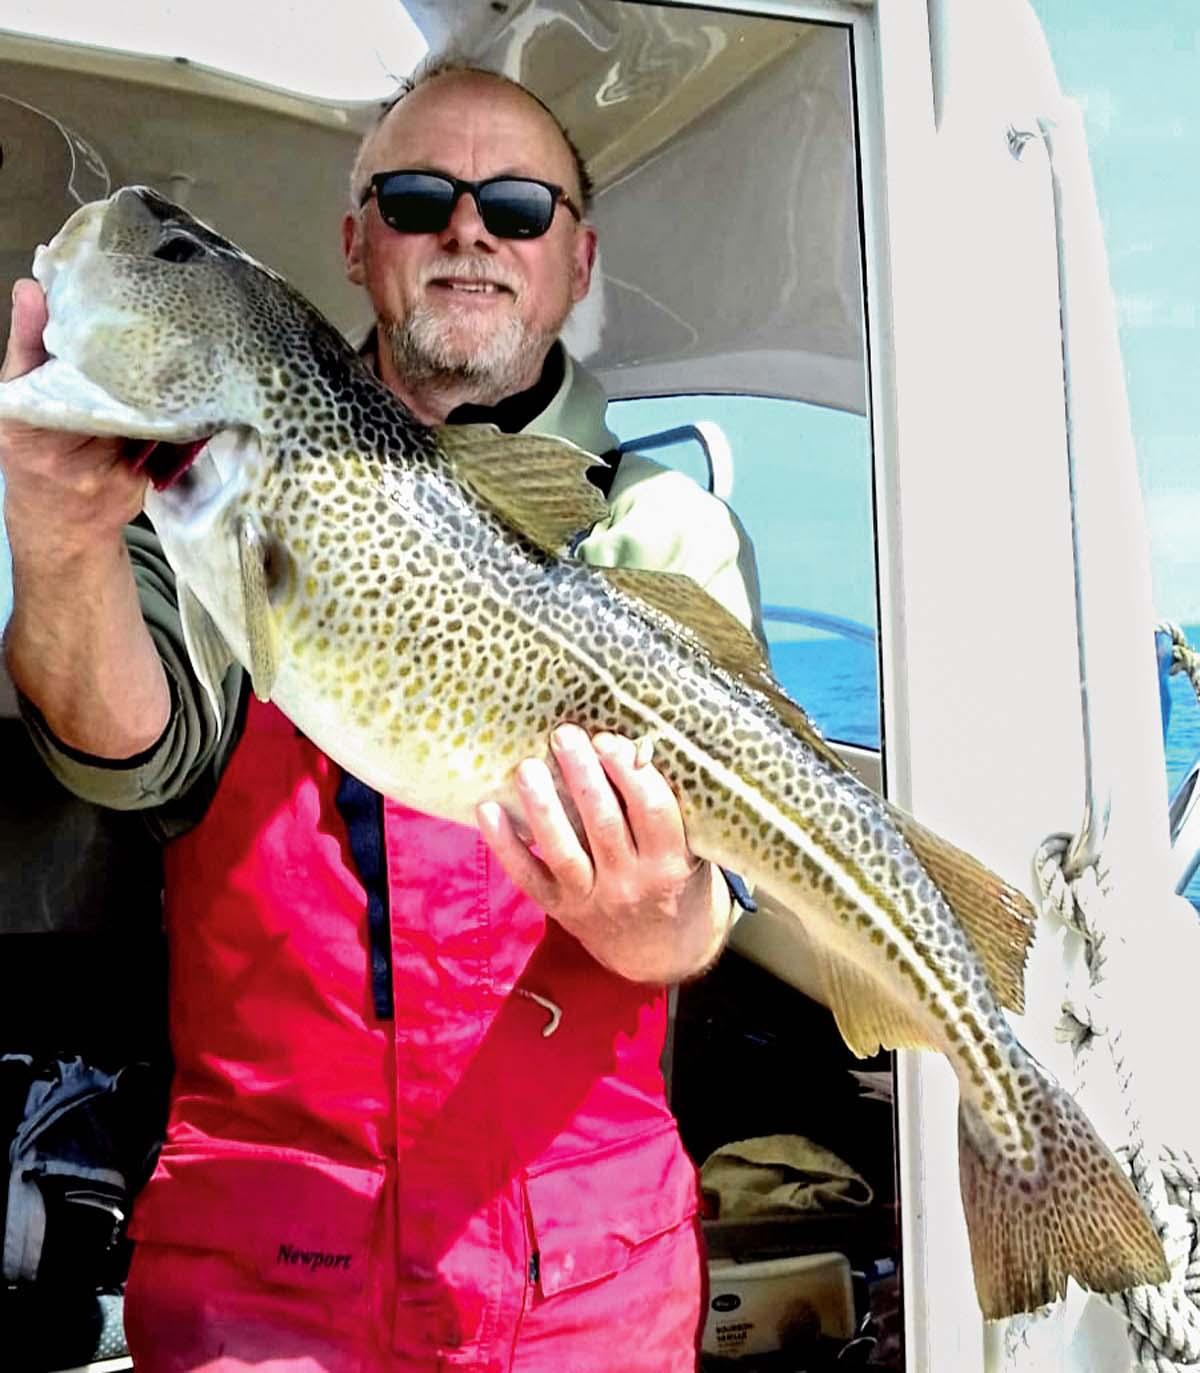 """Mit einem """"Wasabi""""-Köder, einem Speedjig aus Japan, fing Herold Baartz seinen 86 Zentimeter langen Dorsch in der Ostsee. Bei sonnigem Wetter biss der Leopard vor Warnemünde. Drilldauer: knapp 10 Minuten."""